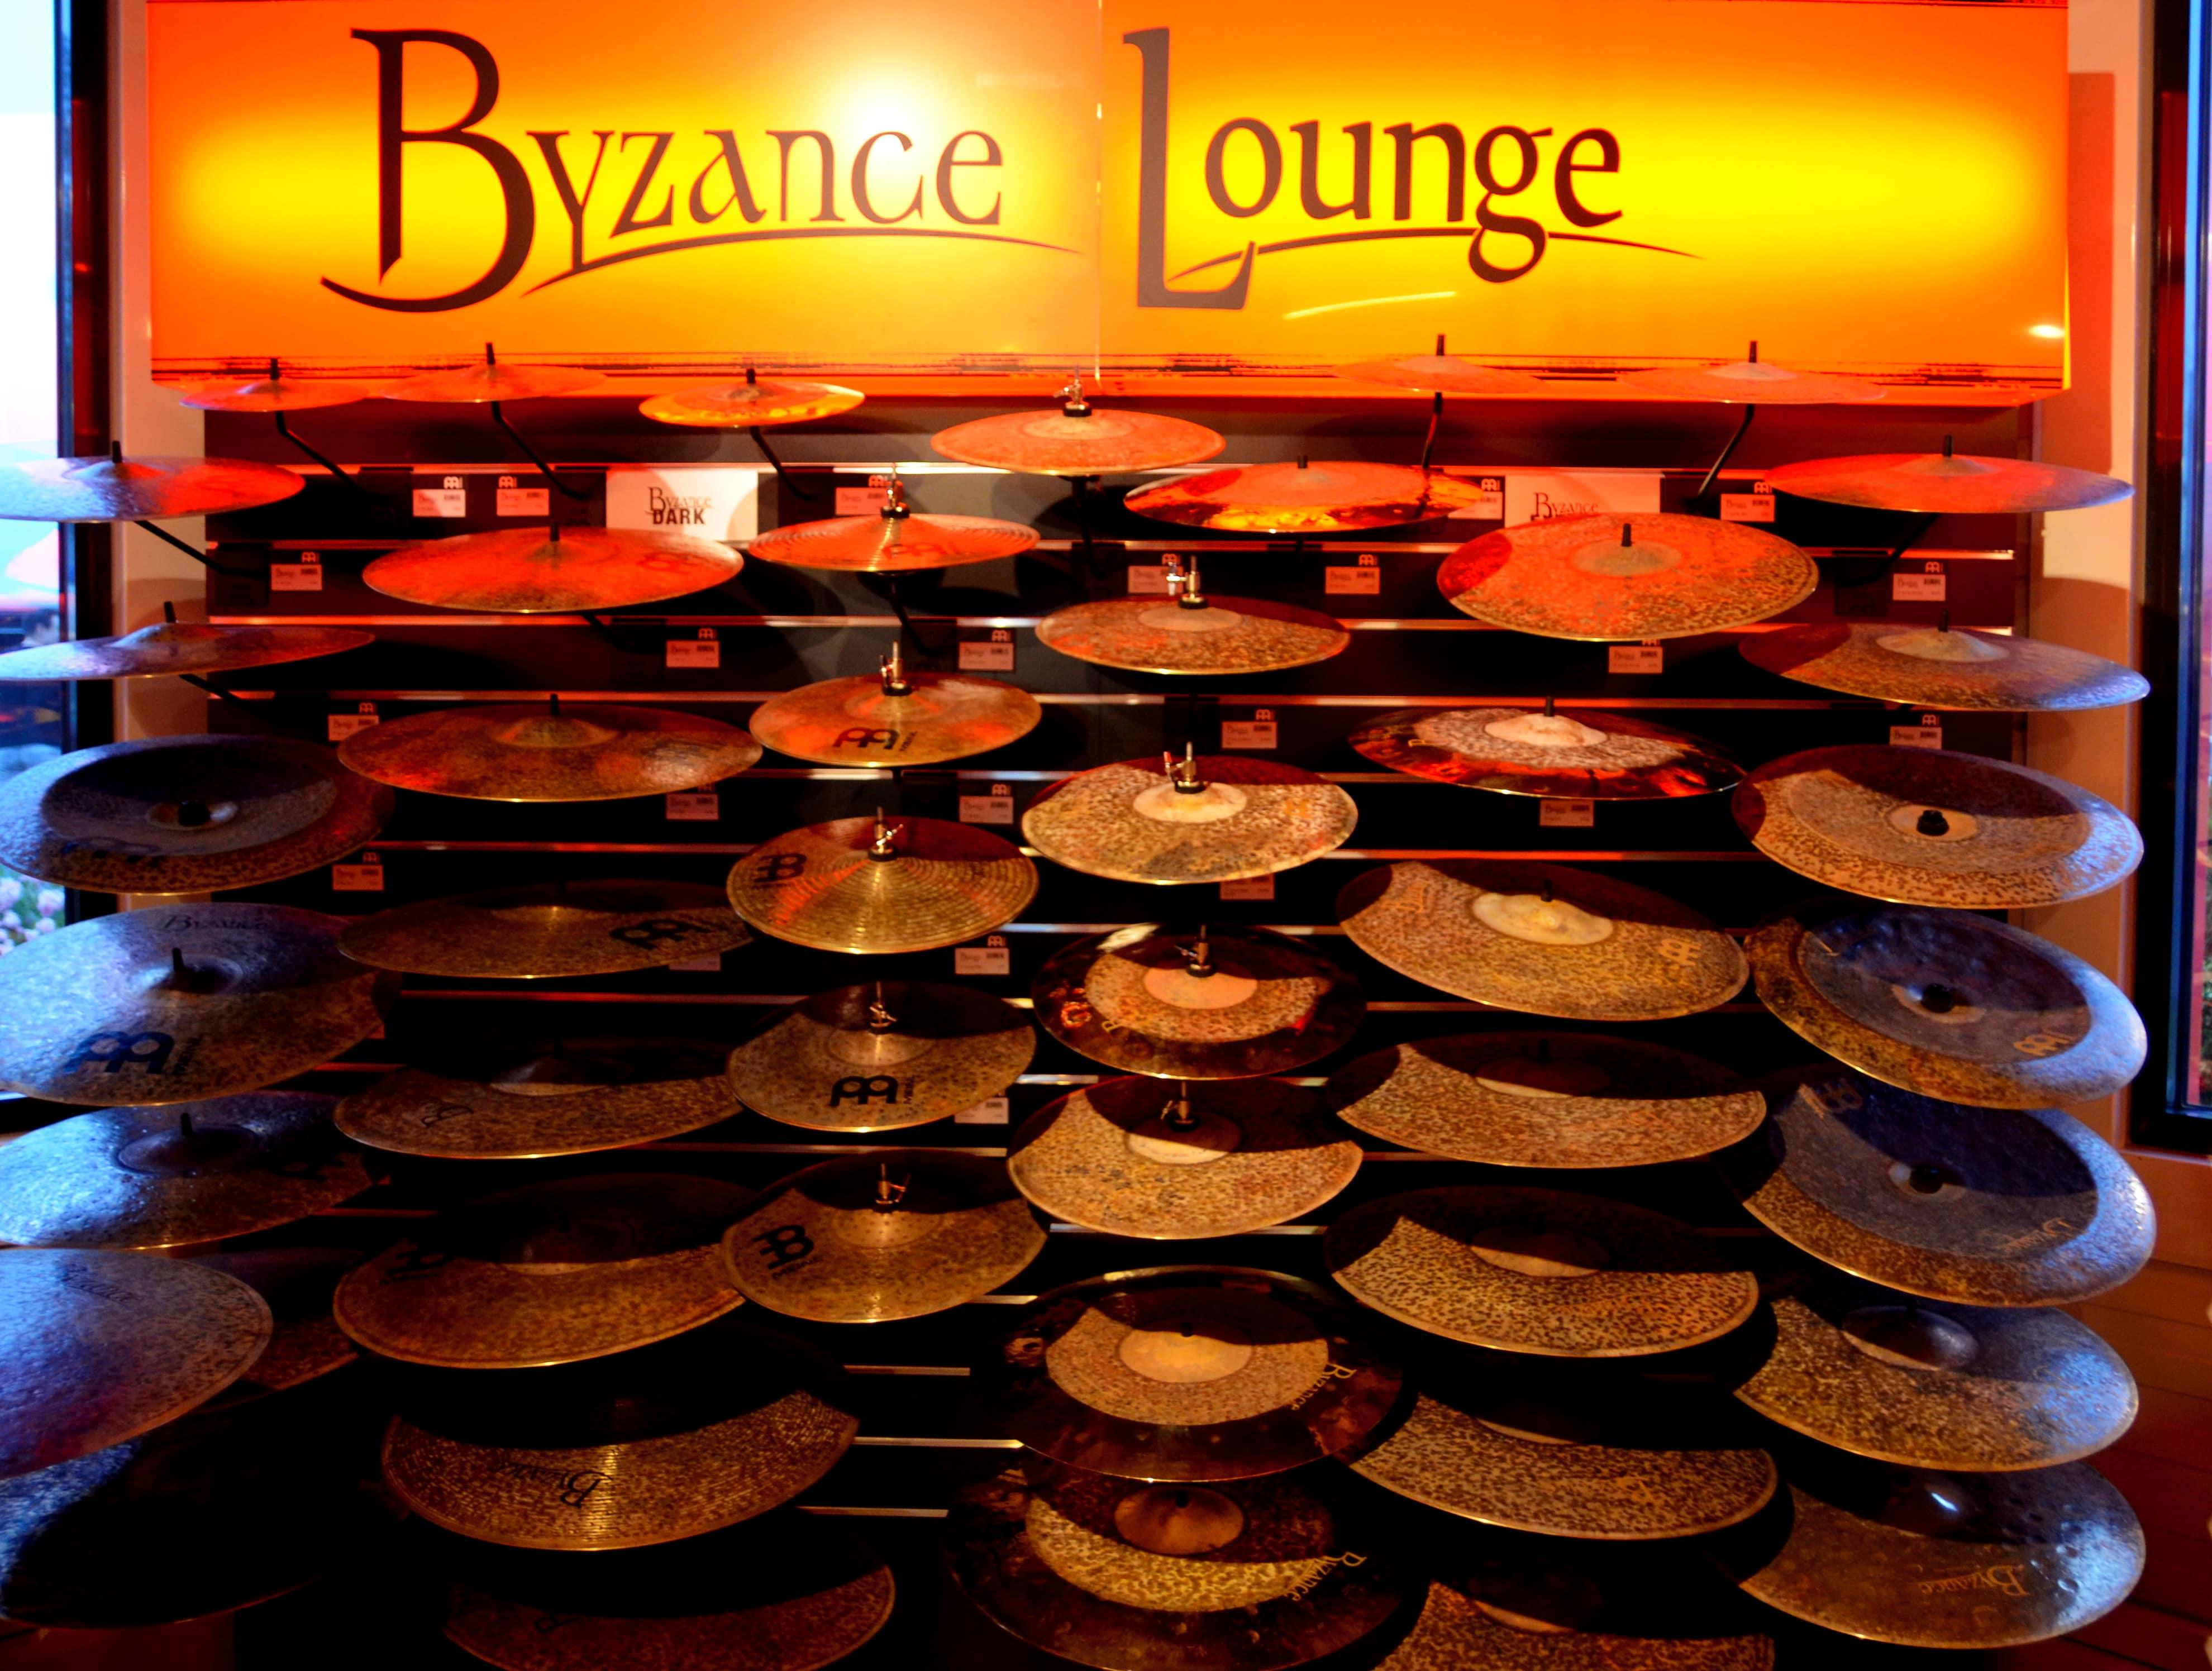 Talerze Byzance